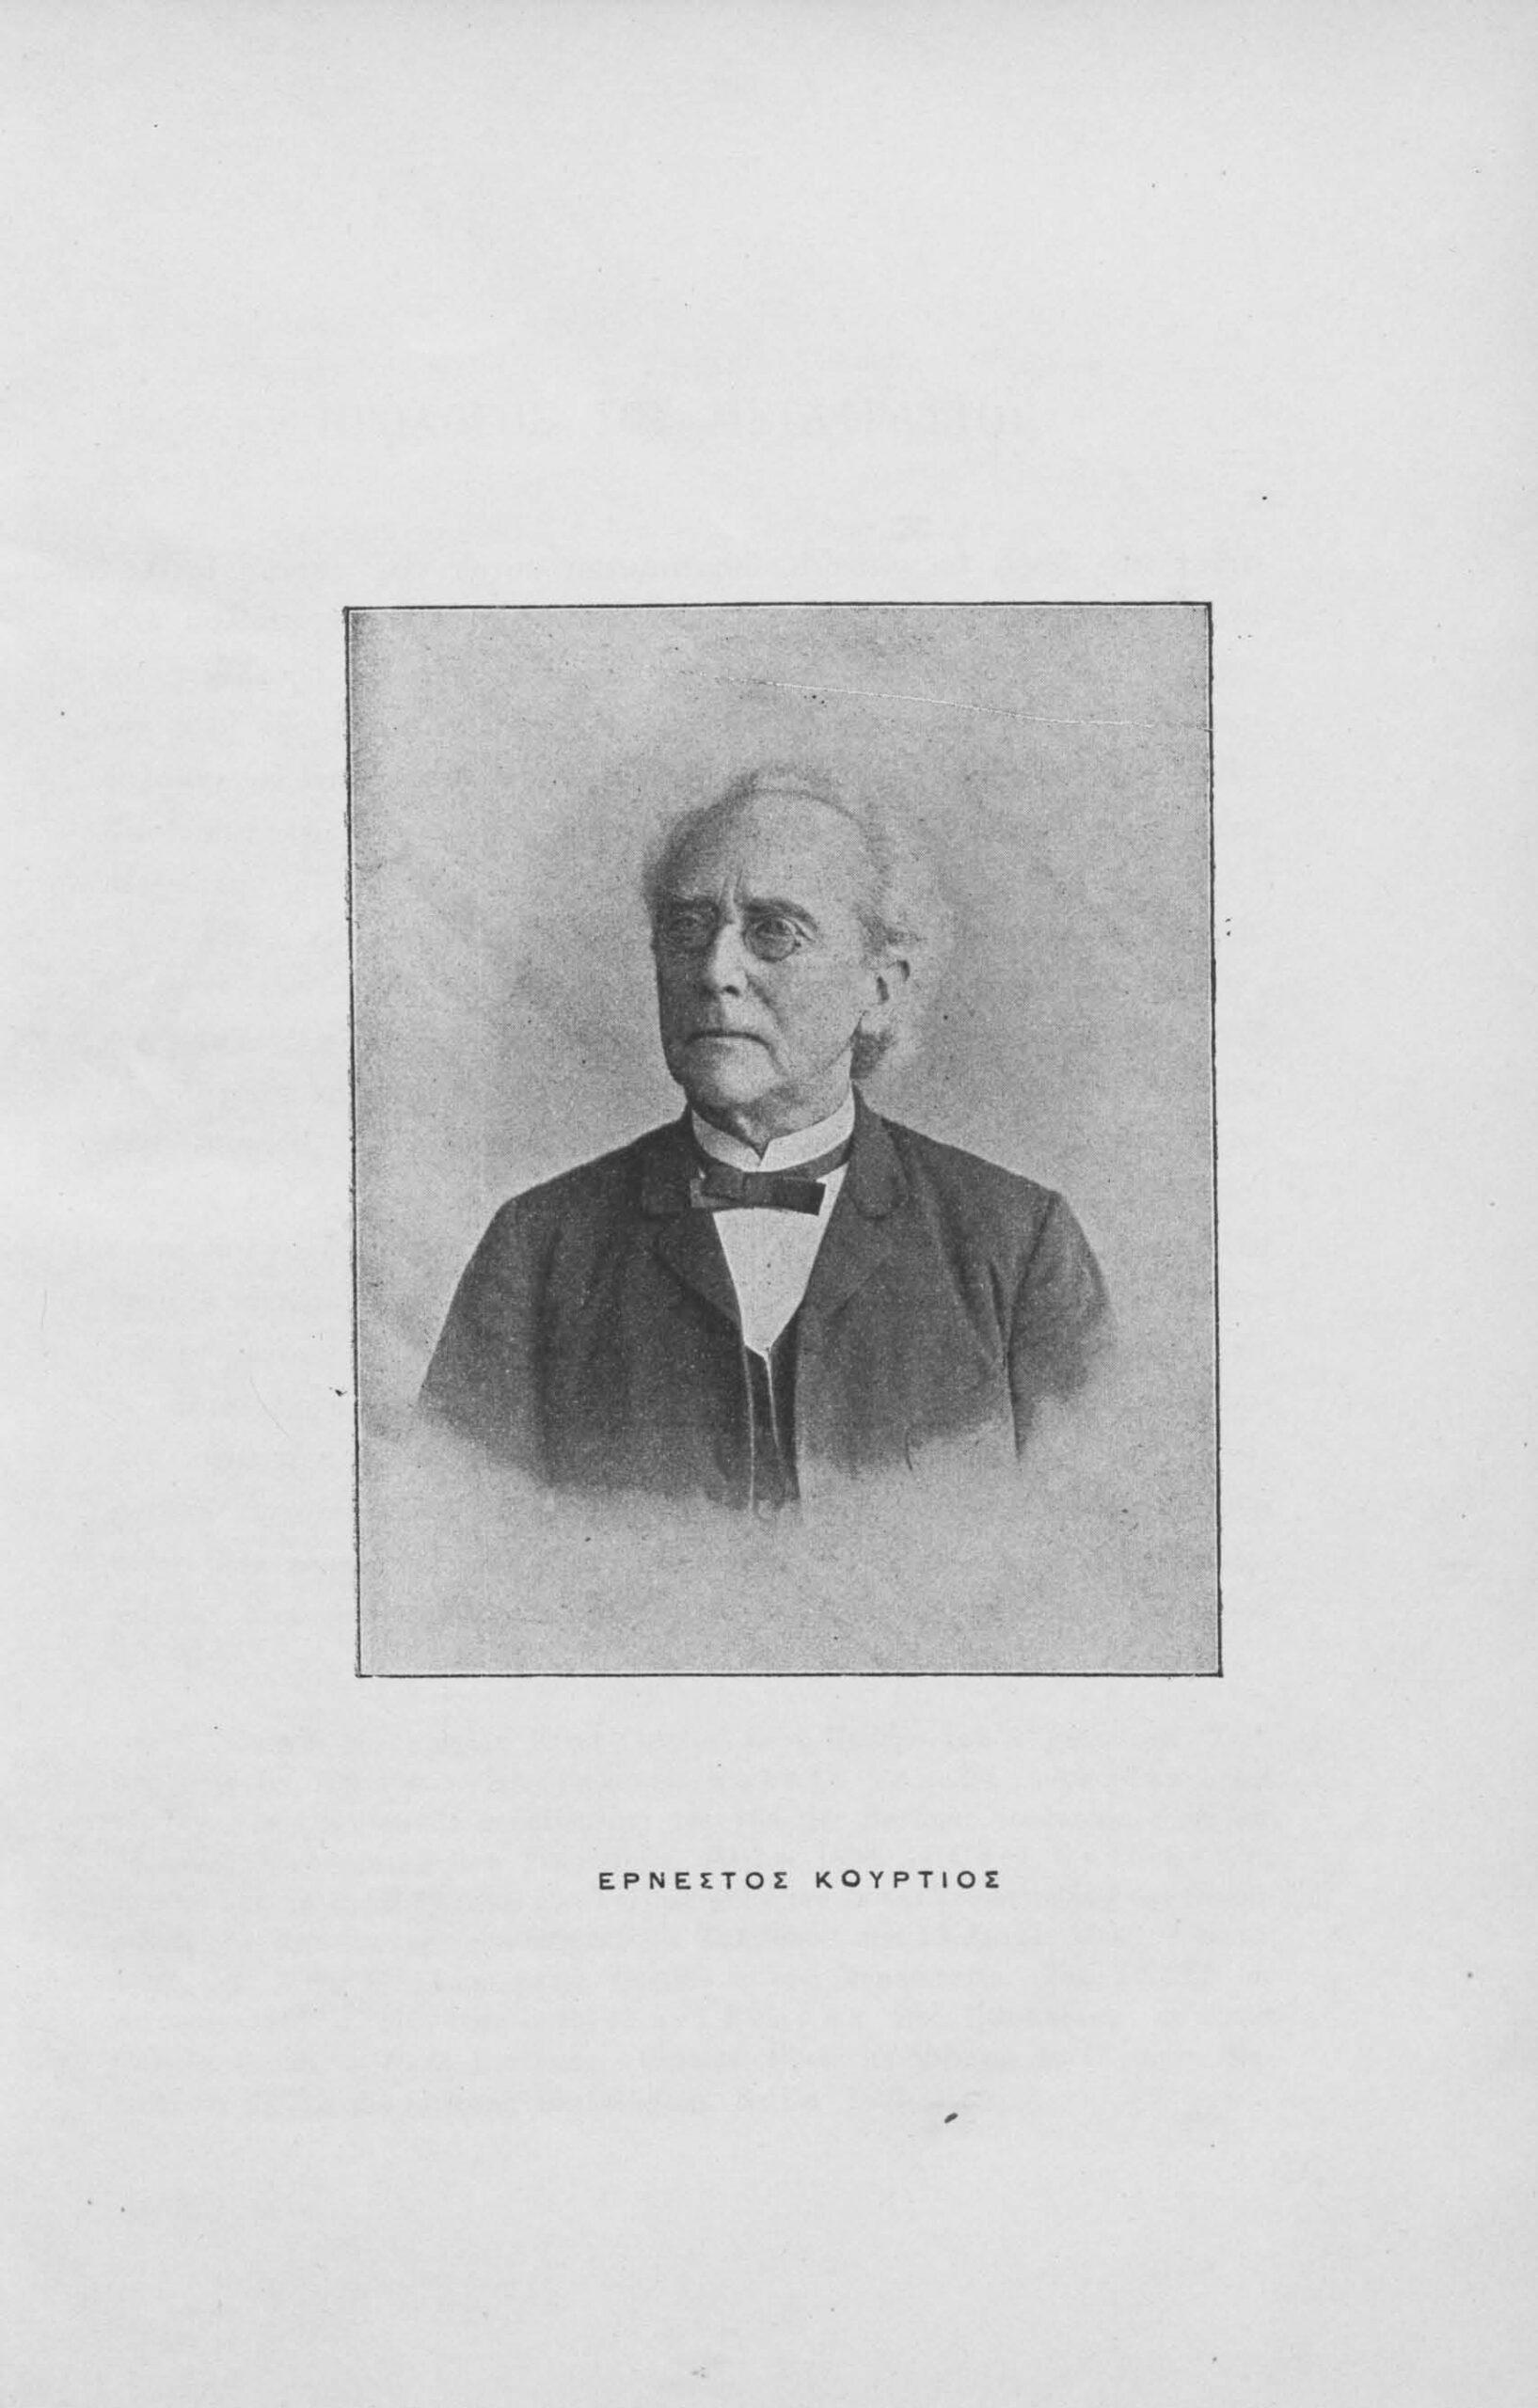 Ο Ερνέστος Κούρτιος (Ernst Curtius) (Λίμπεκ 1814 - Βερολίνο 1896)